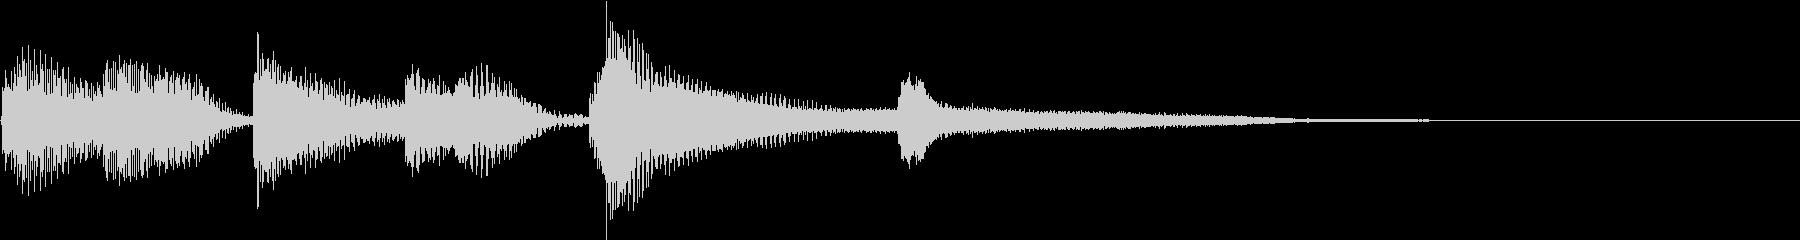 明るいピアノソロ ジングルの未再生の波形